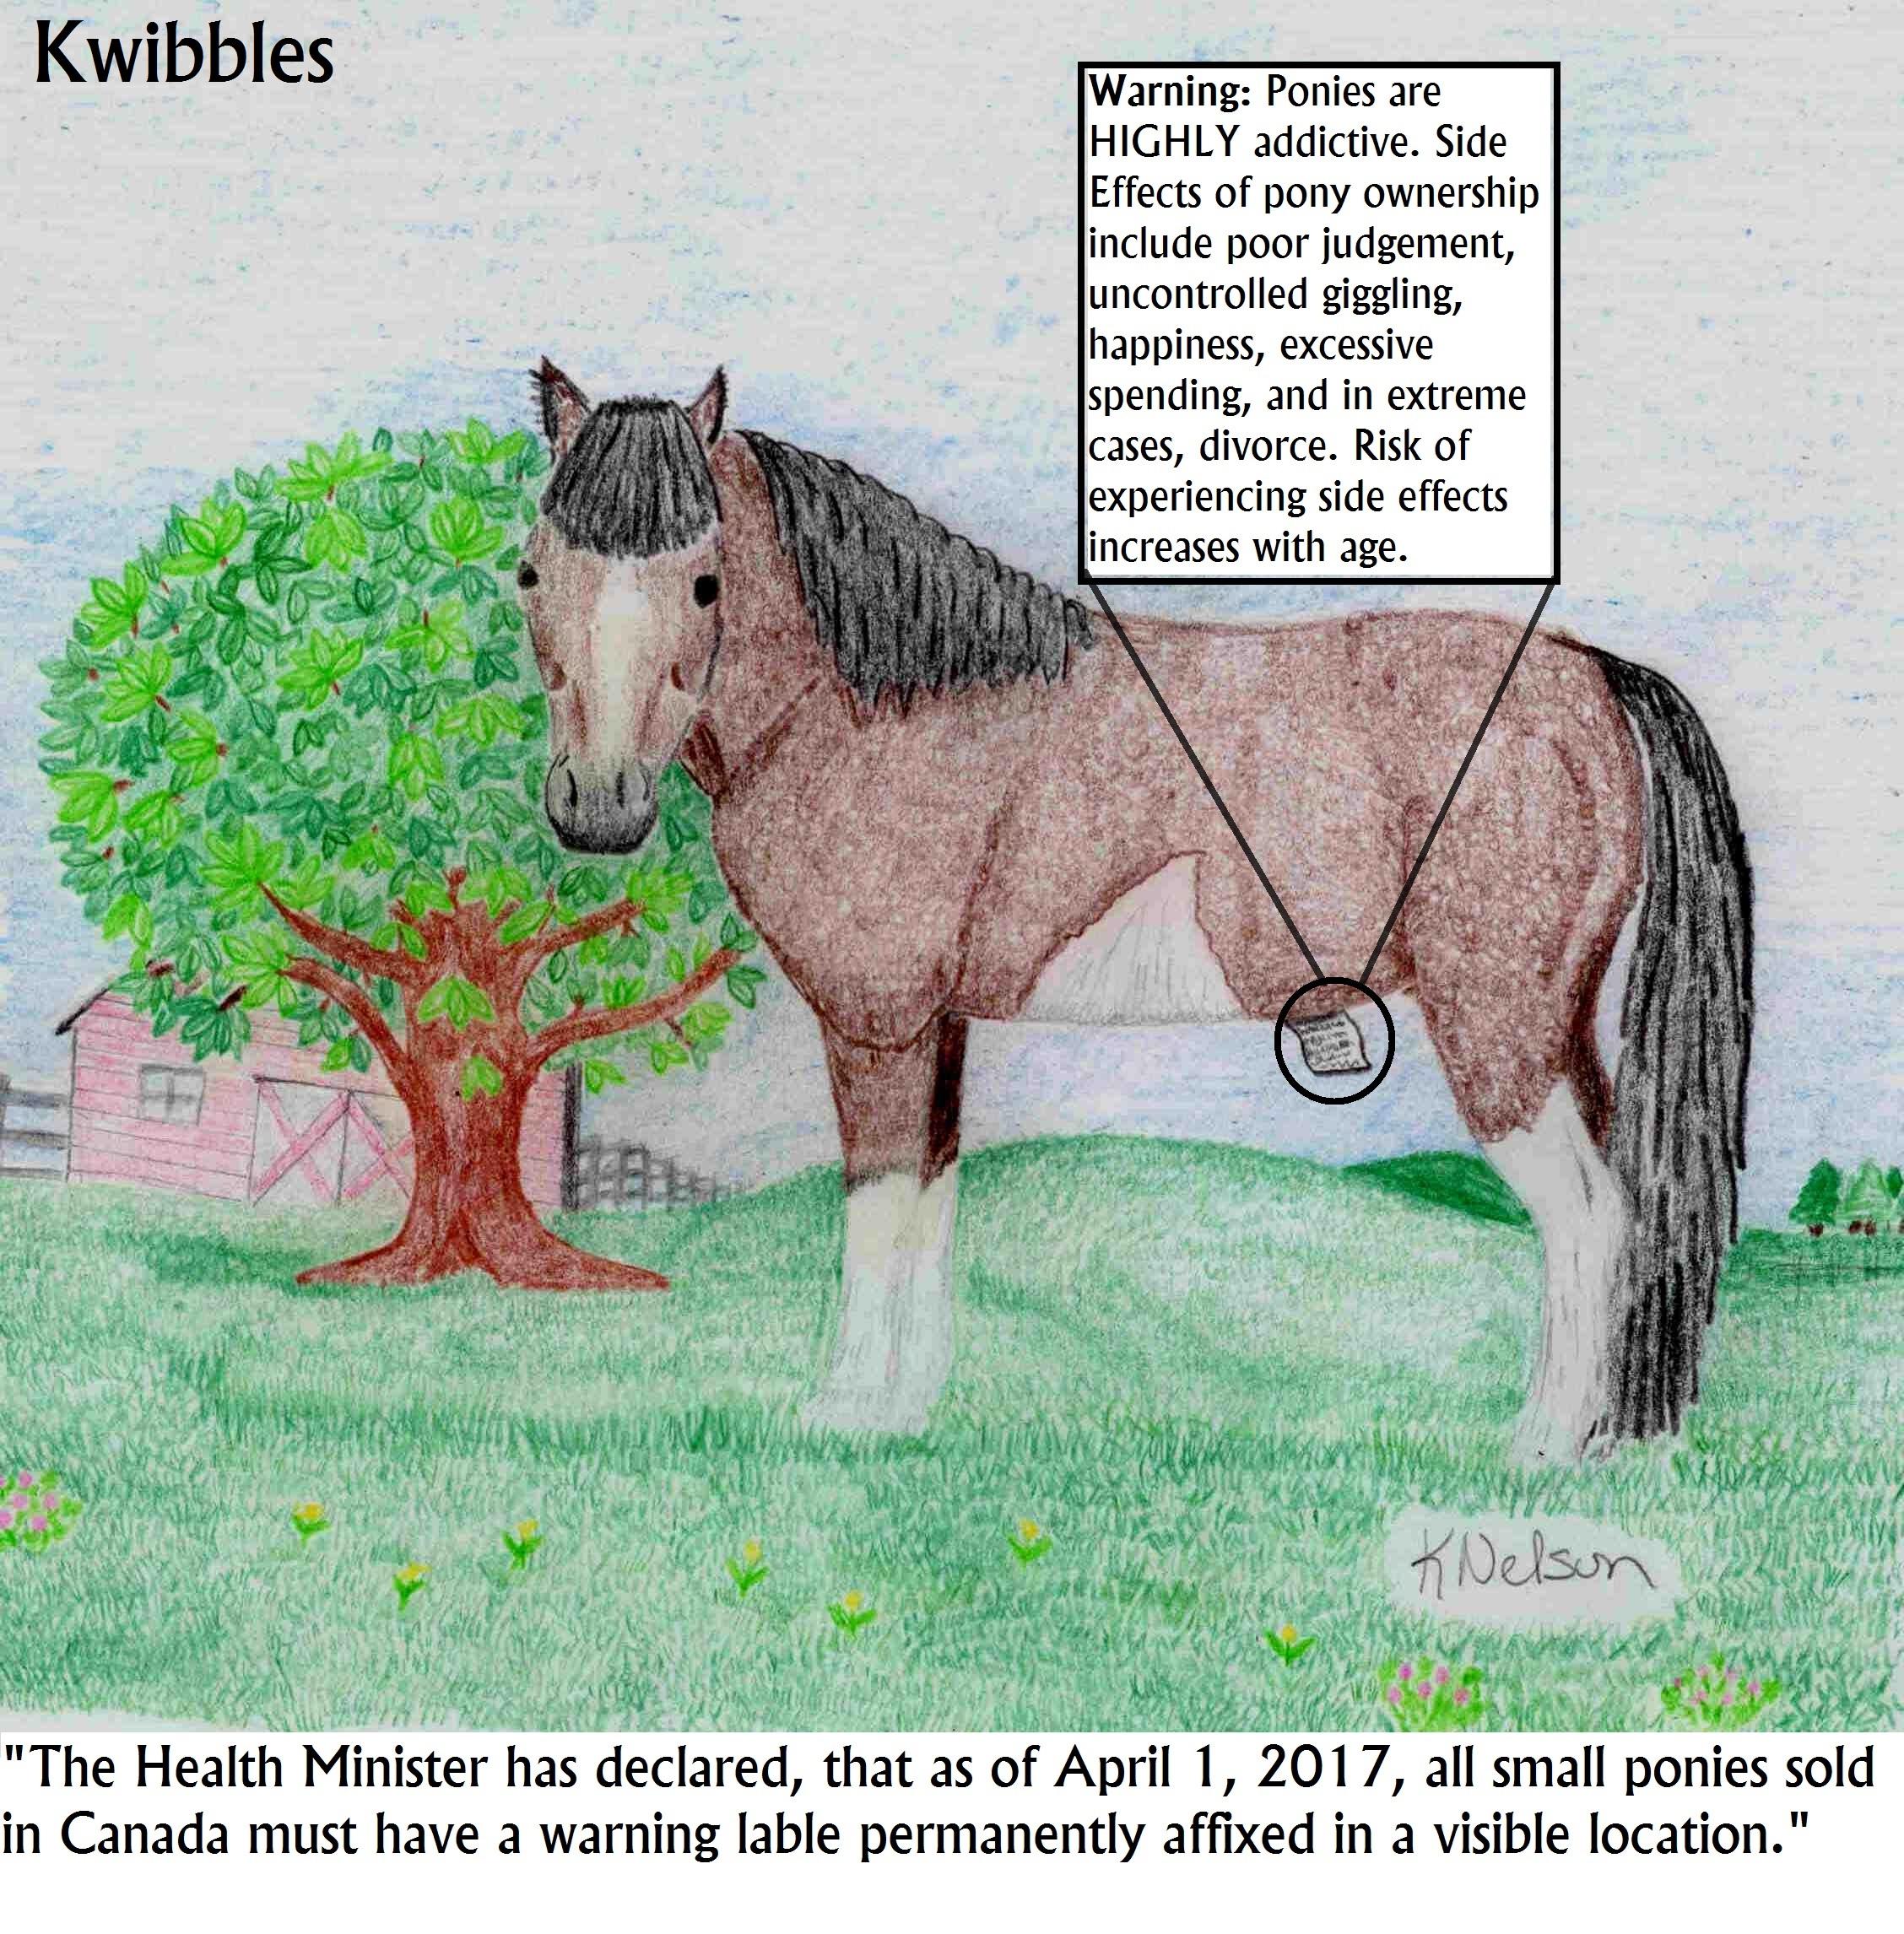 Kwibbles7